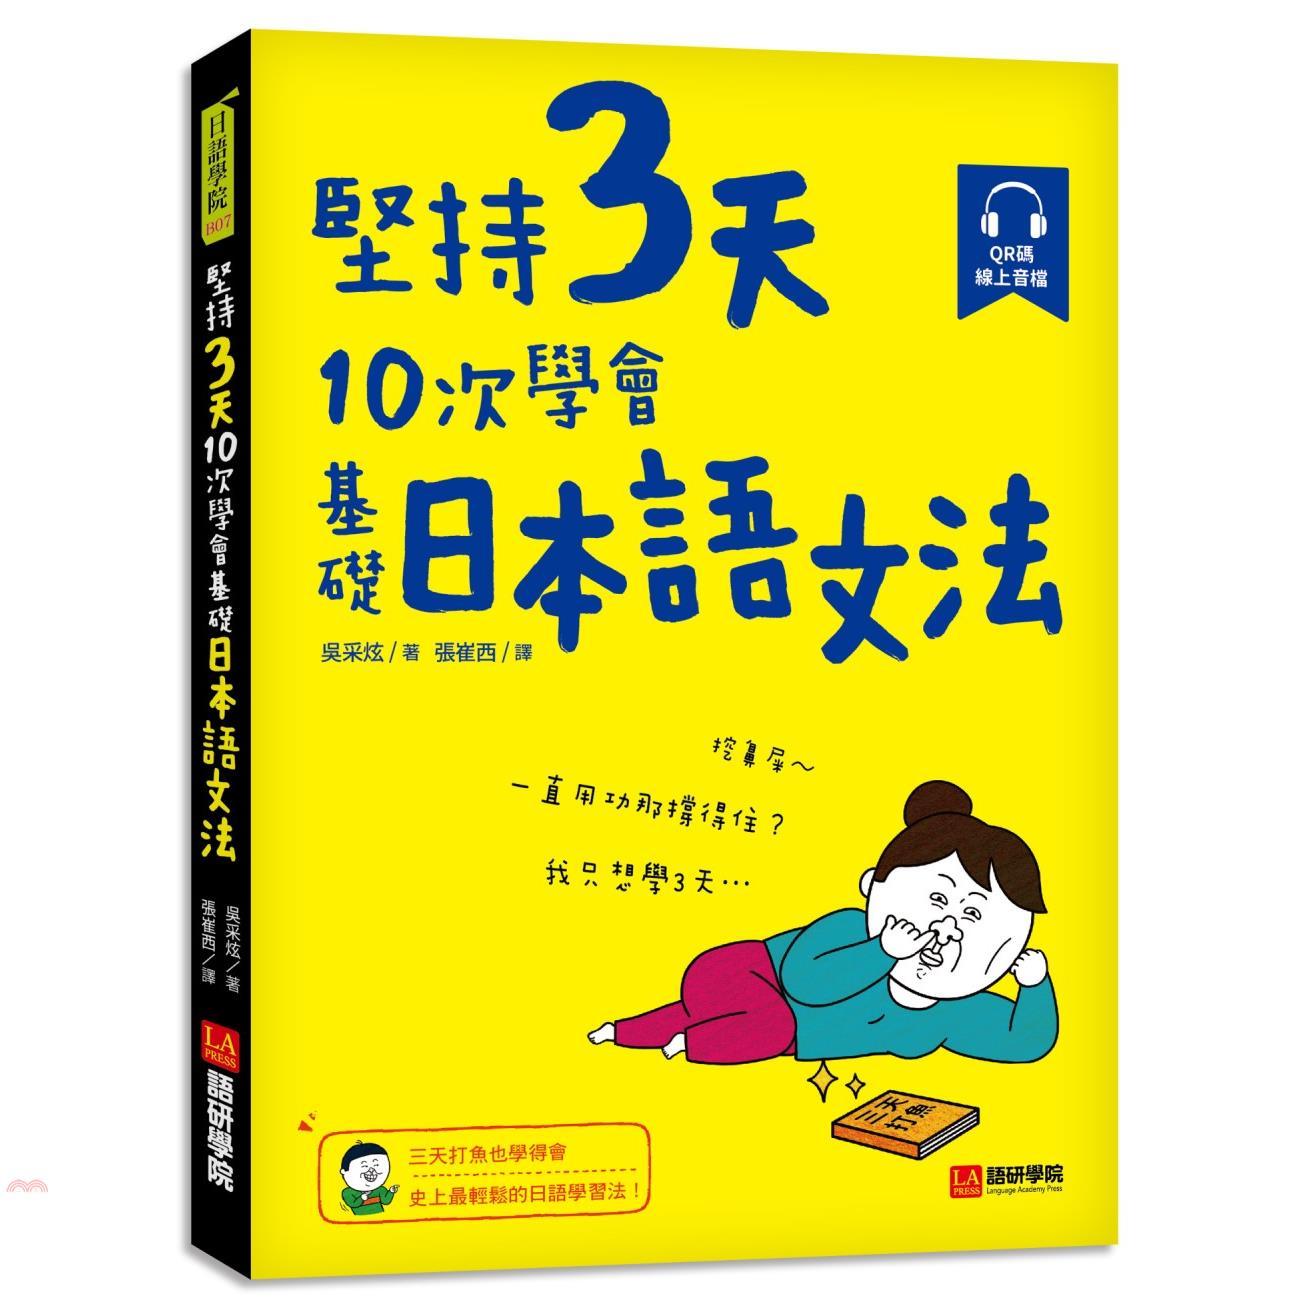 堅持3天,10次學會!基礎日本語文法:三天打魚也學得會,史上最輕鬆的日語學習法!(附QR碼線上音檔)[79折]